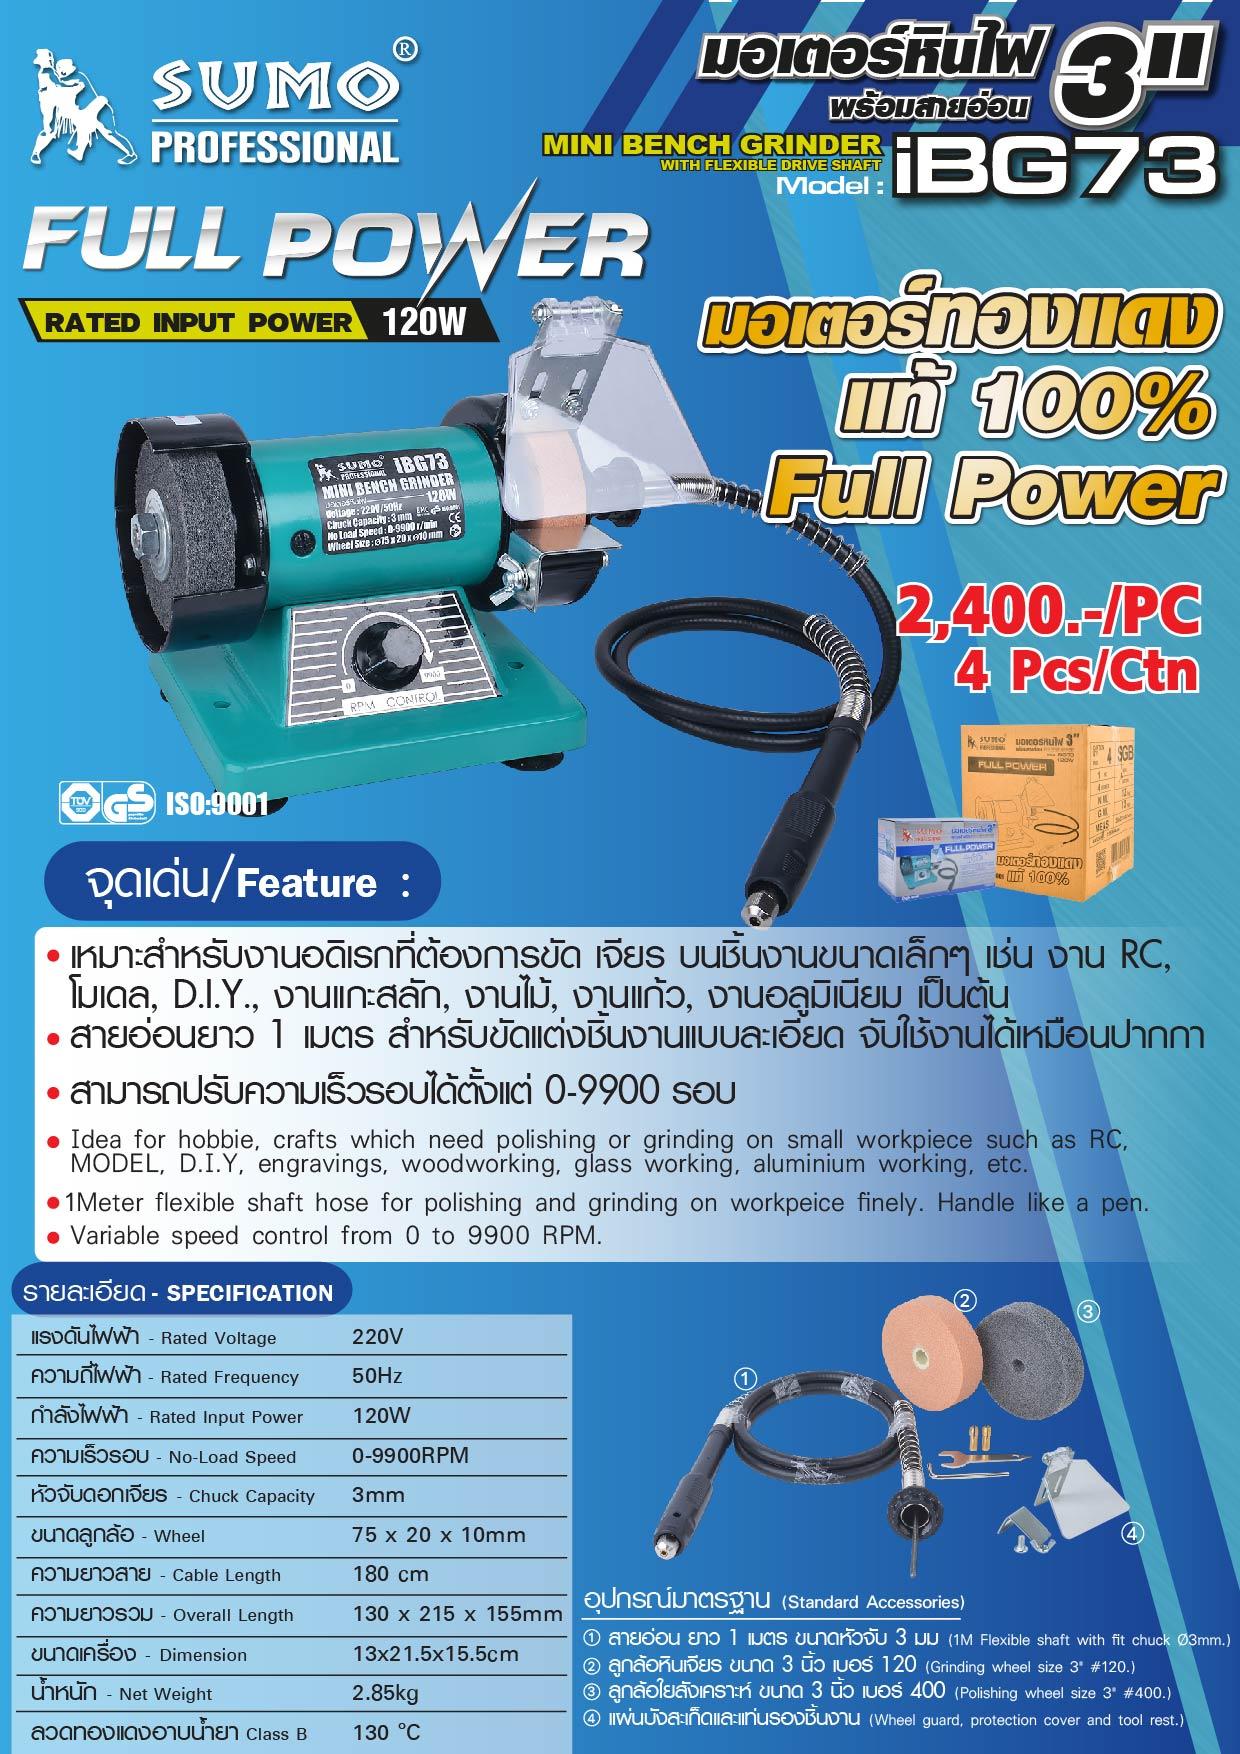 (197/312) มอเตอร์หินไฟ 3นิ้ว รุ่น iGB73